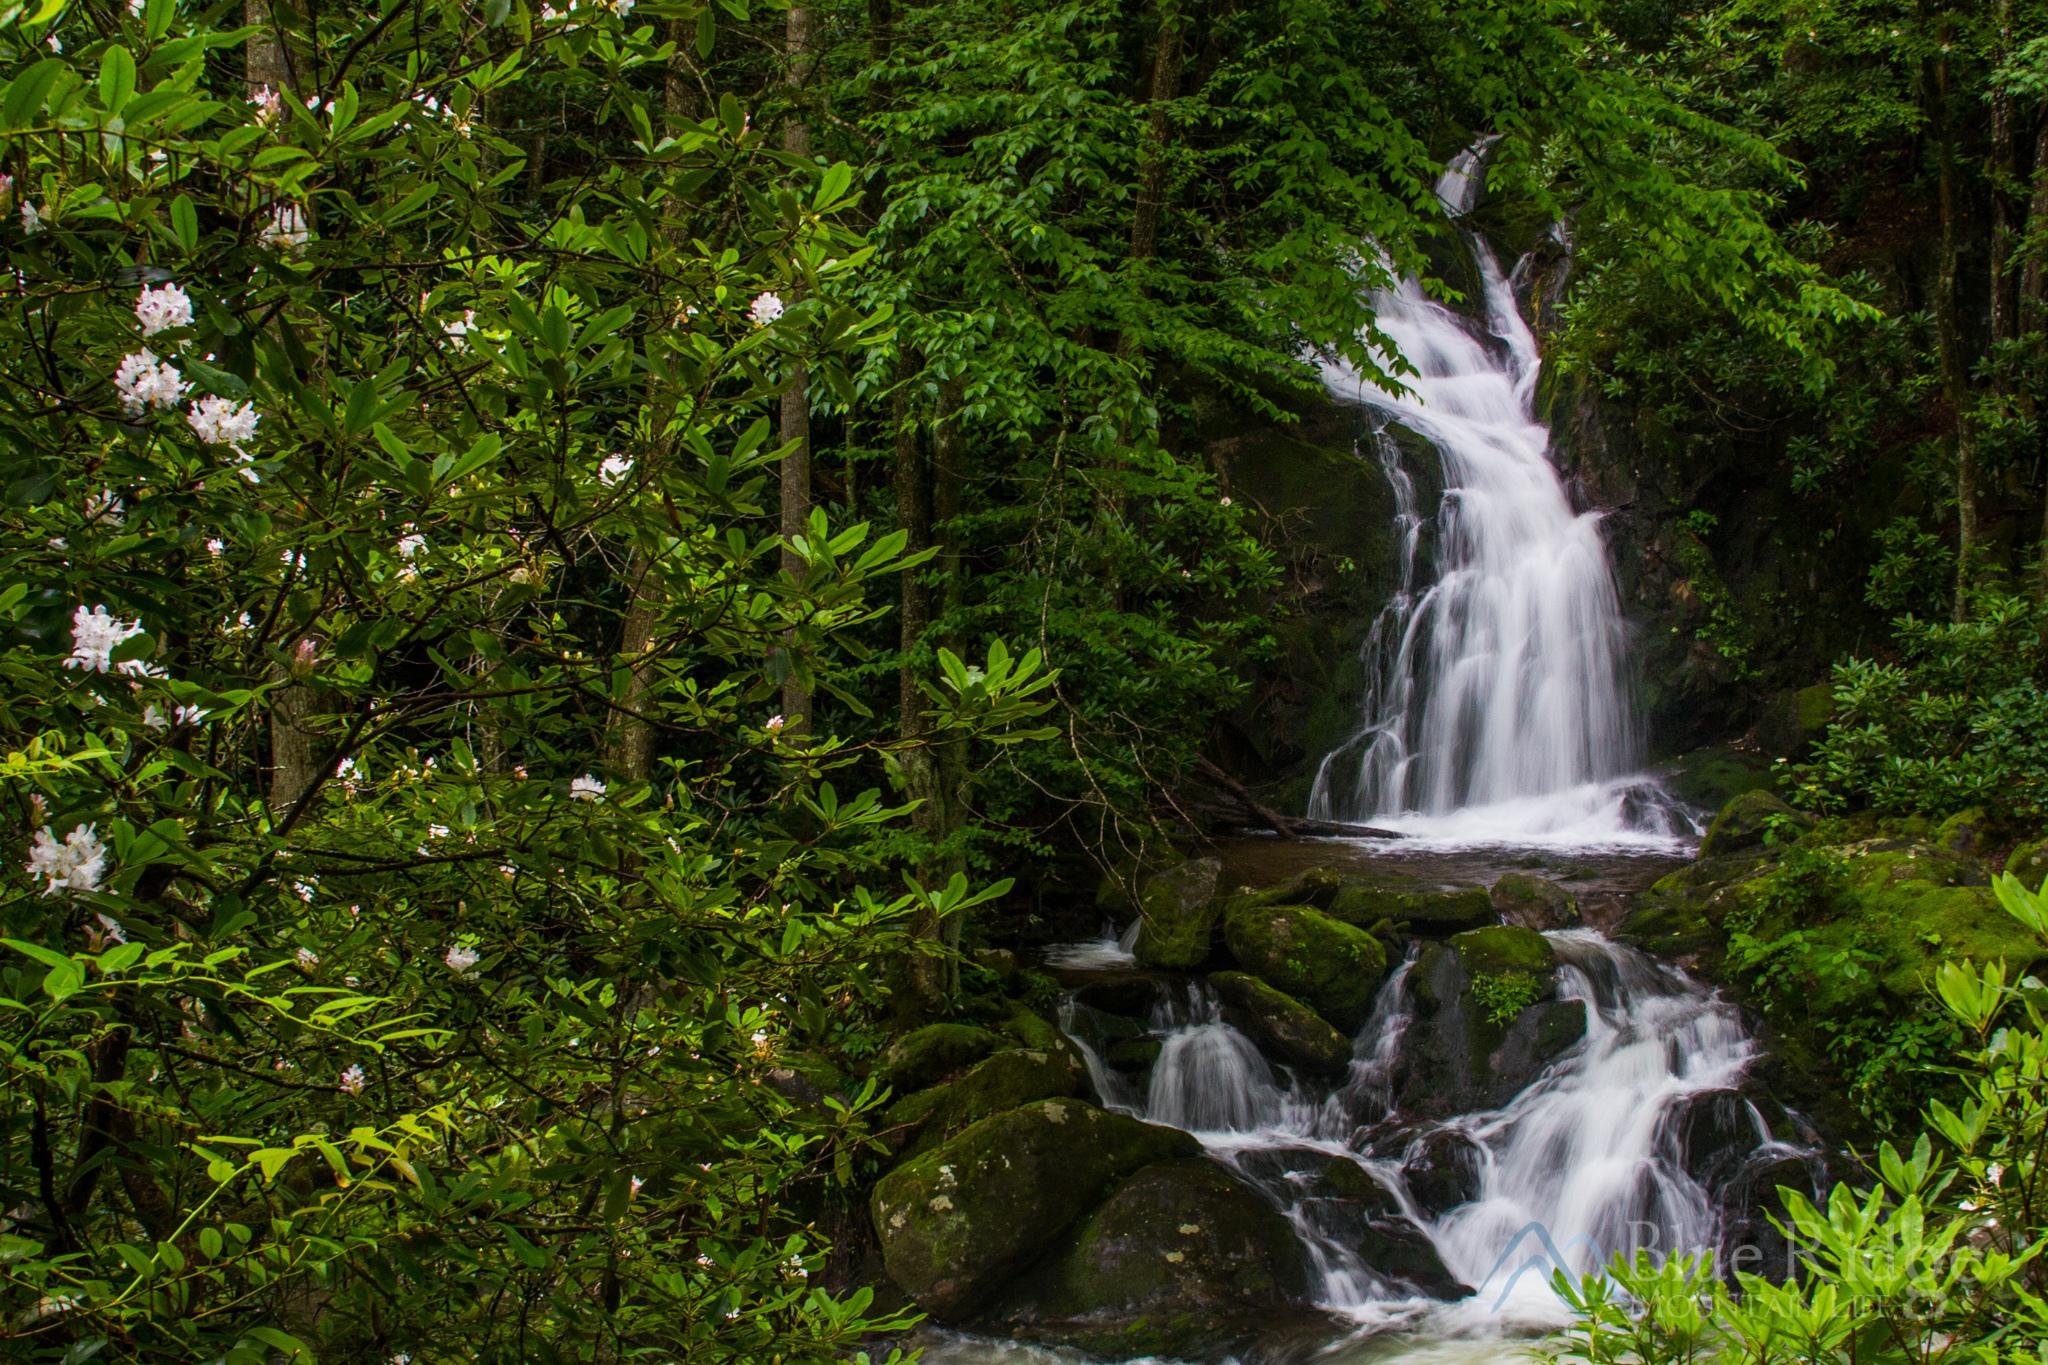 Spring at Big Creek